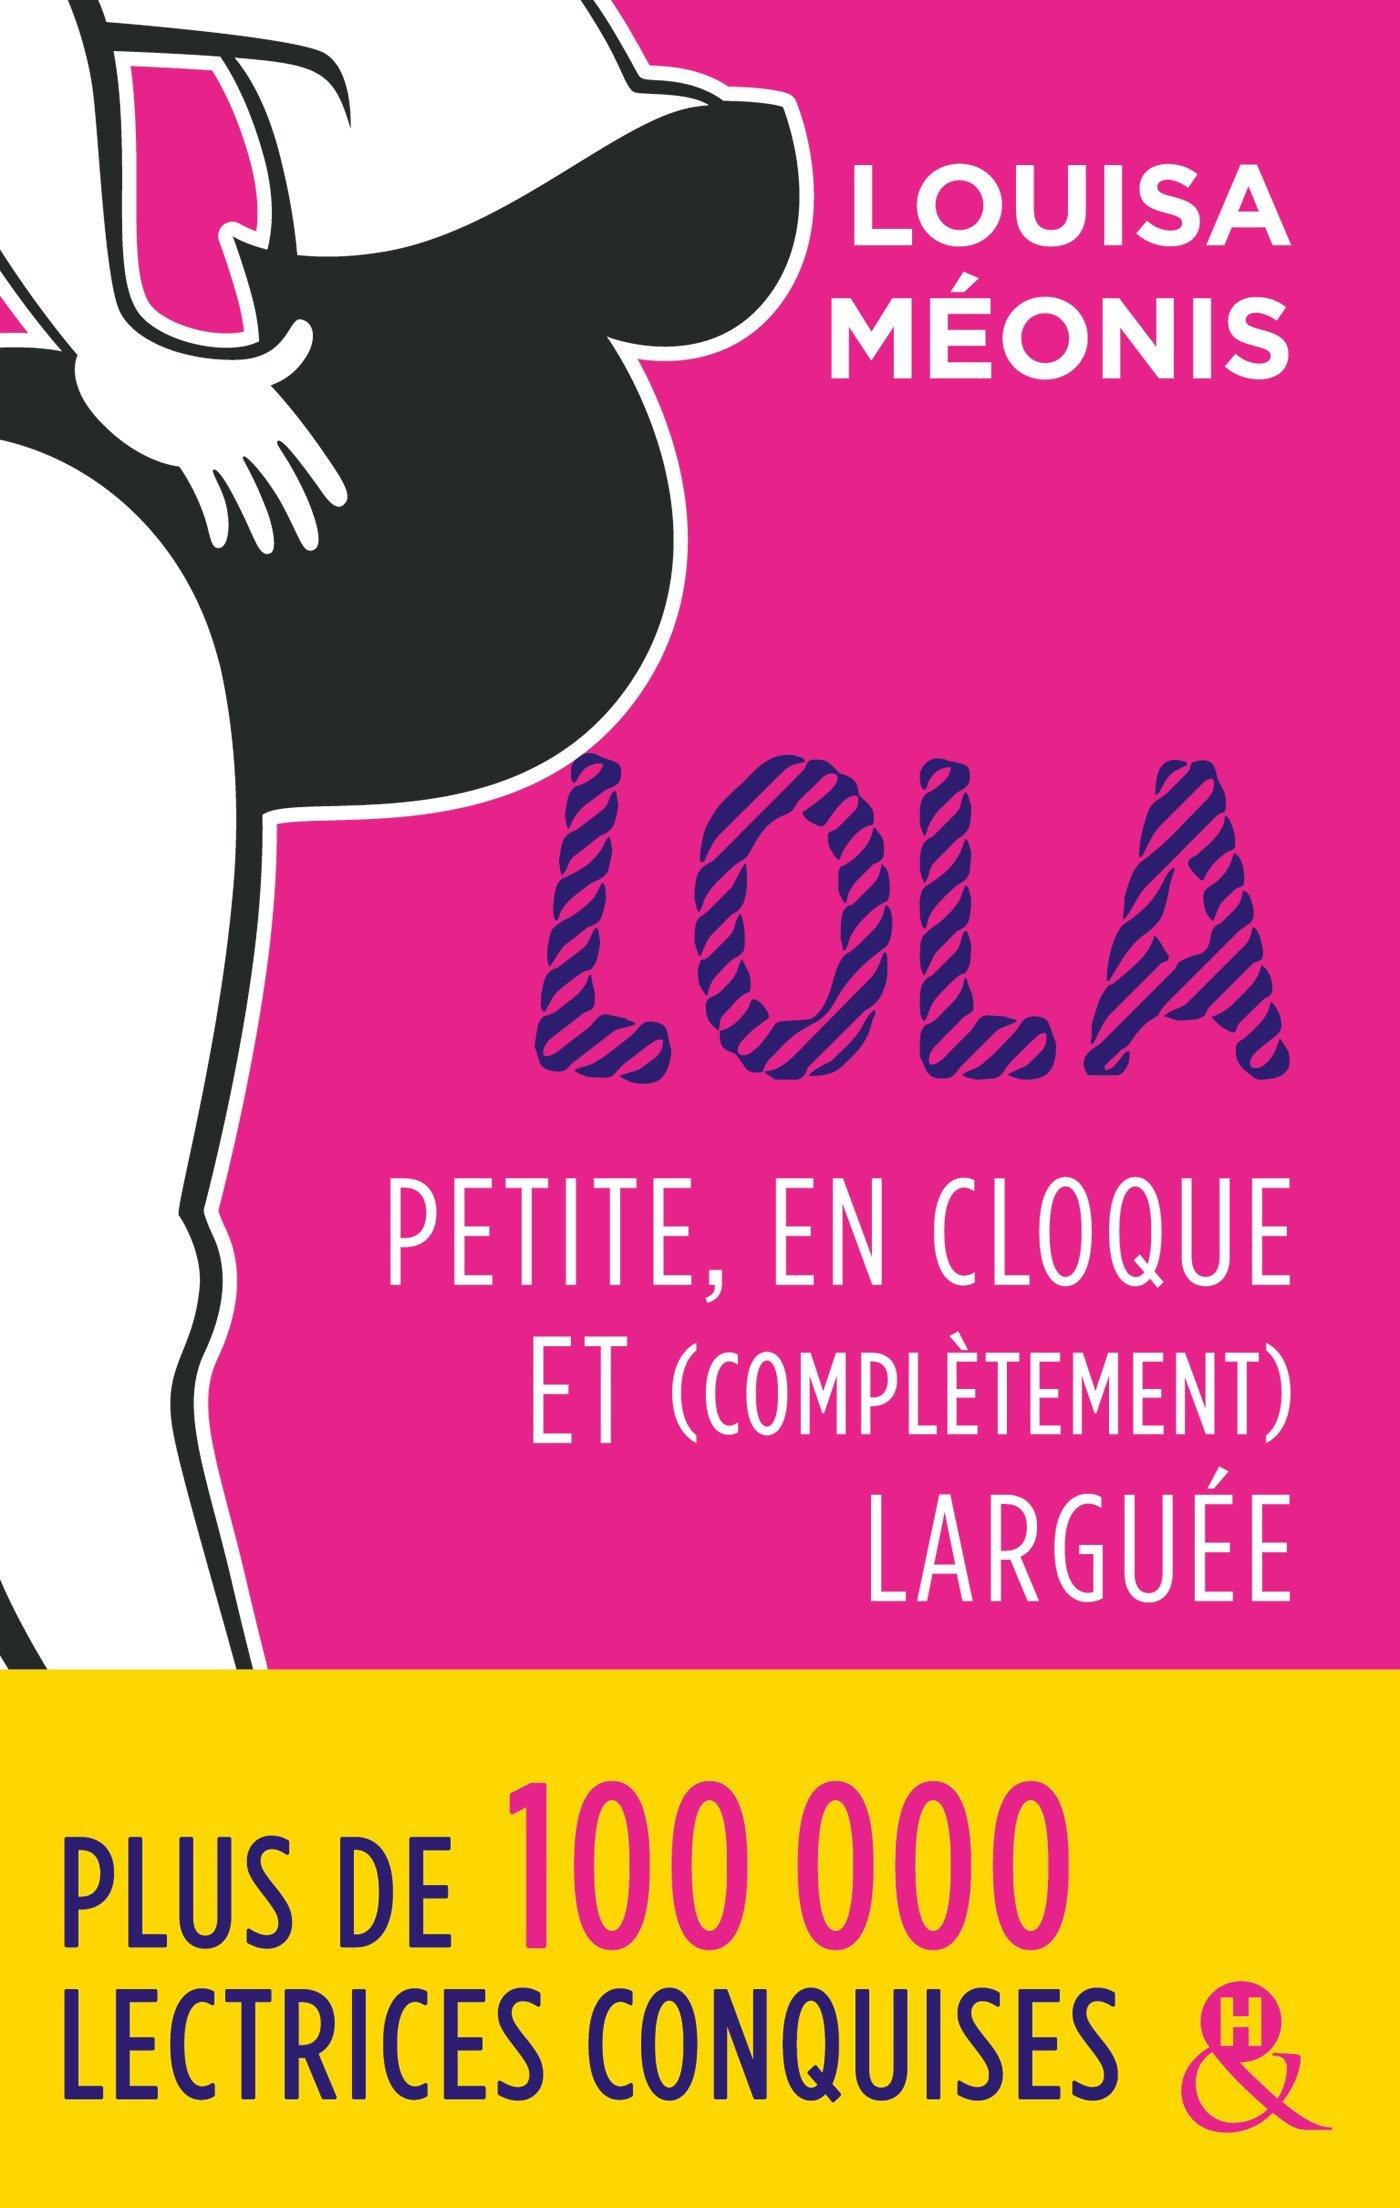 Lola - Petite, en cloque et complètement larguée: la suite de la série à succès Lola, une comédie romantique française Poche – 30 mai 2018 Louisa Méonis Editions Harlequin 2280390442 Chick-lit